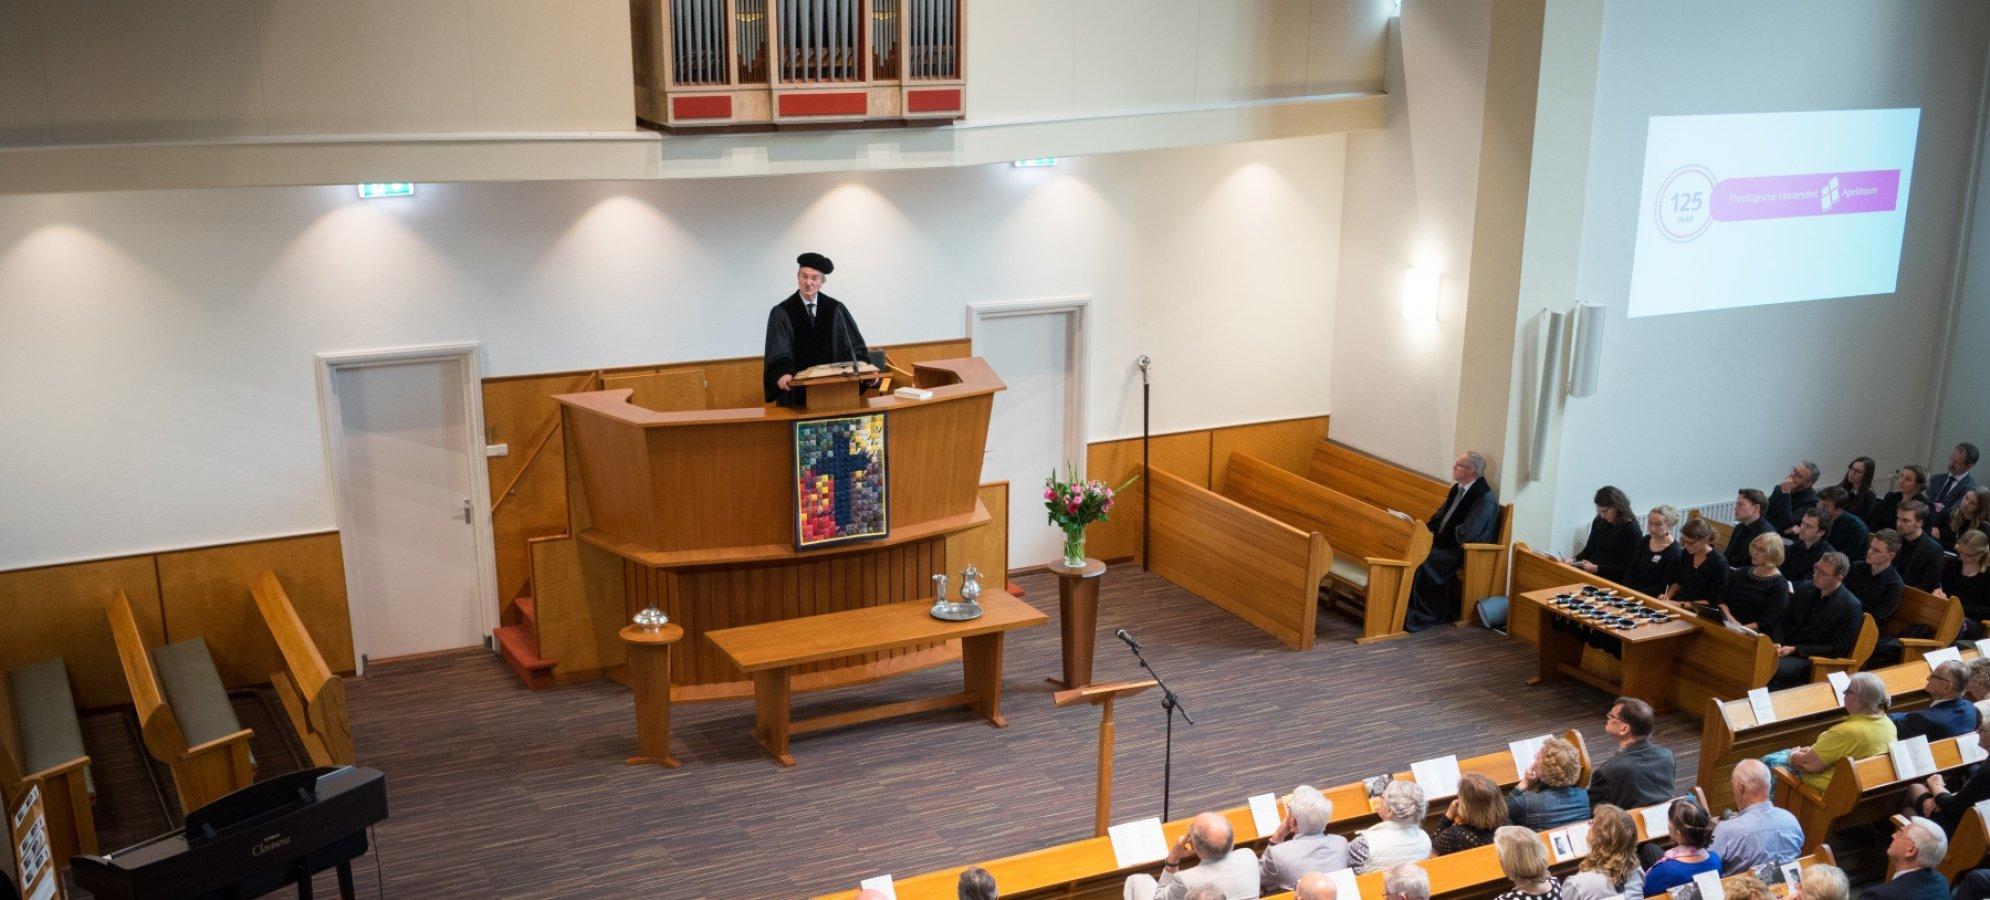 Image Lezing prof. dr. A. van de Beek nu online